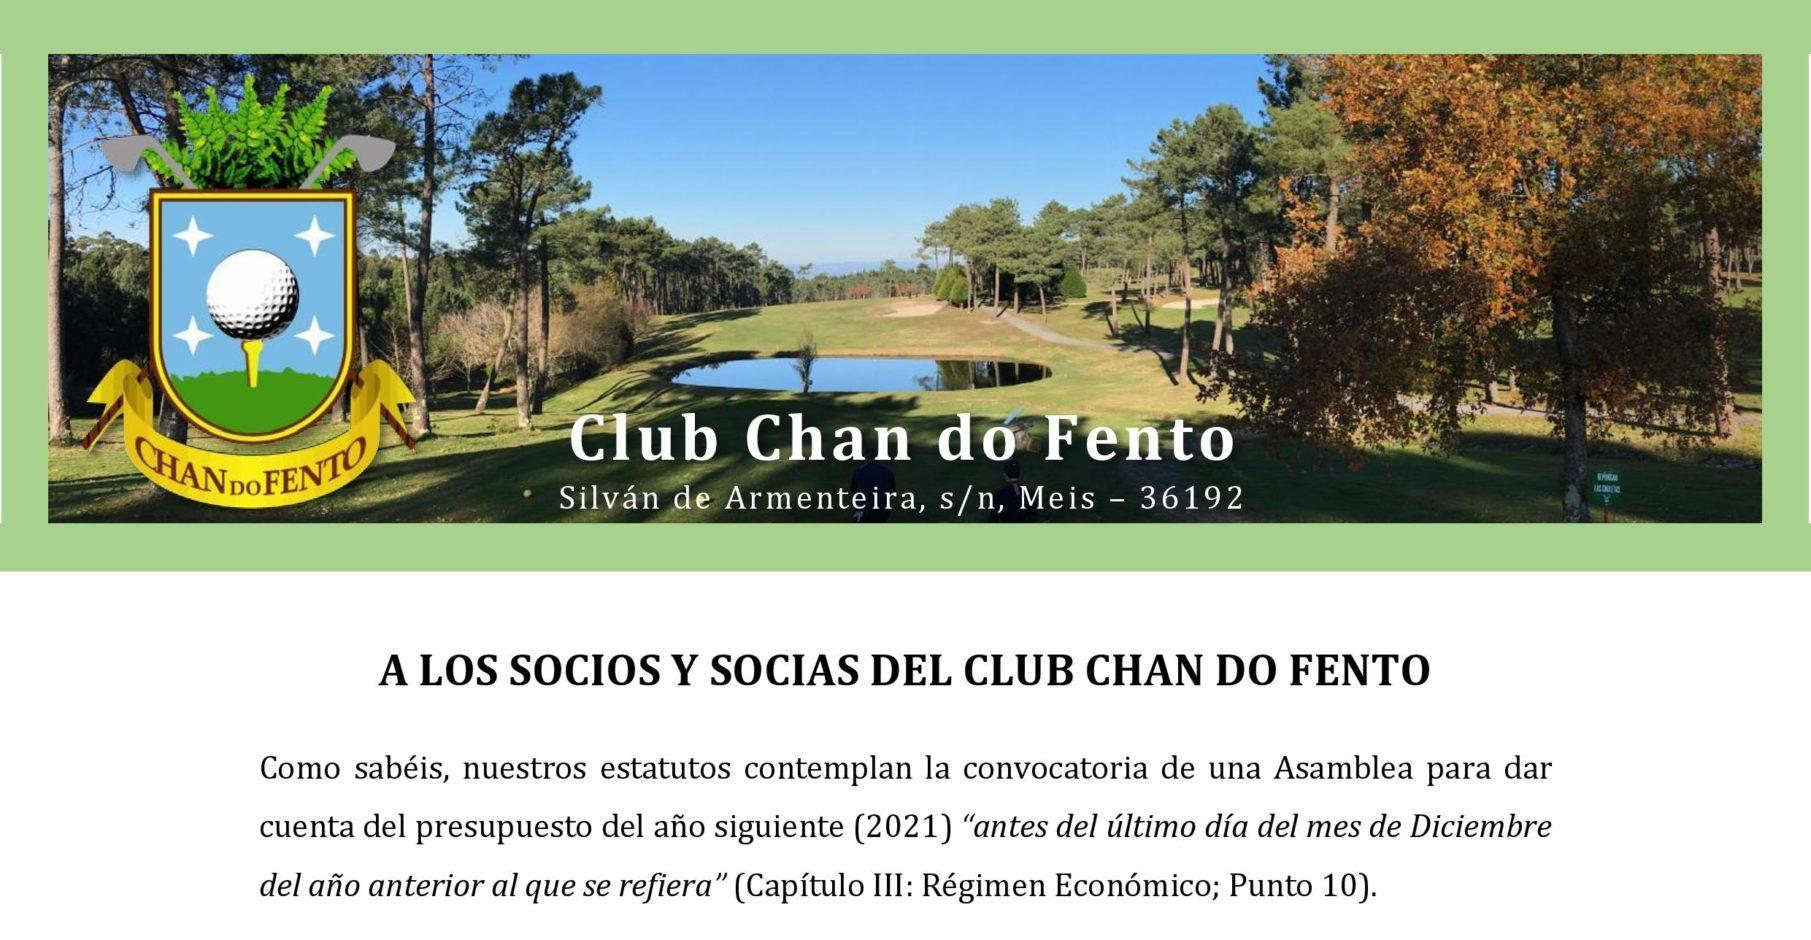 A Los Socios Y Socias Del Club Chan Do Fento Page 001